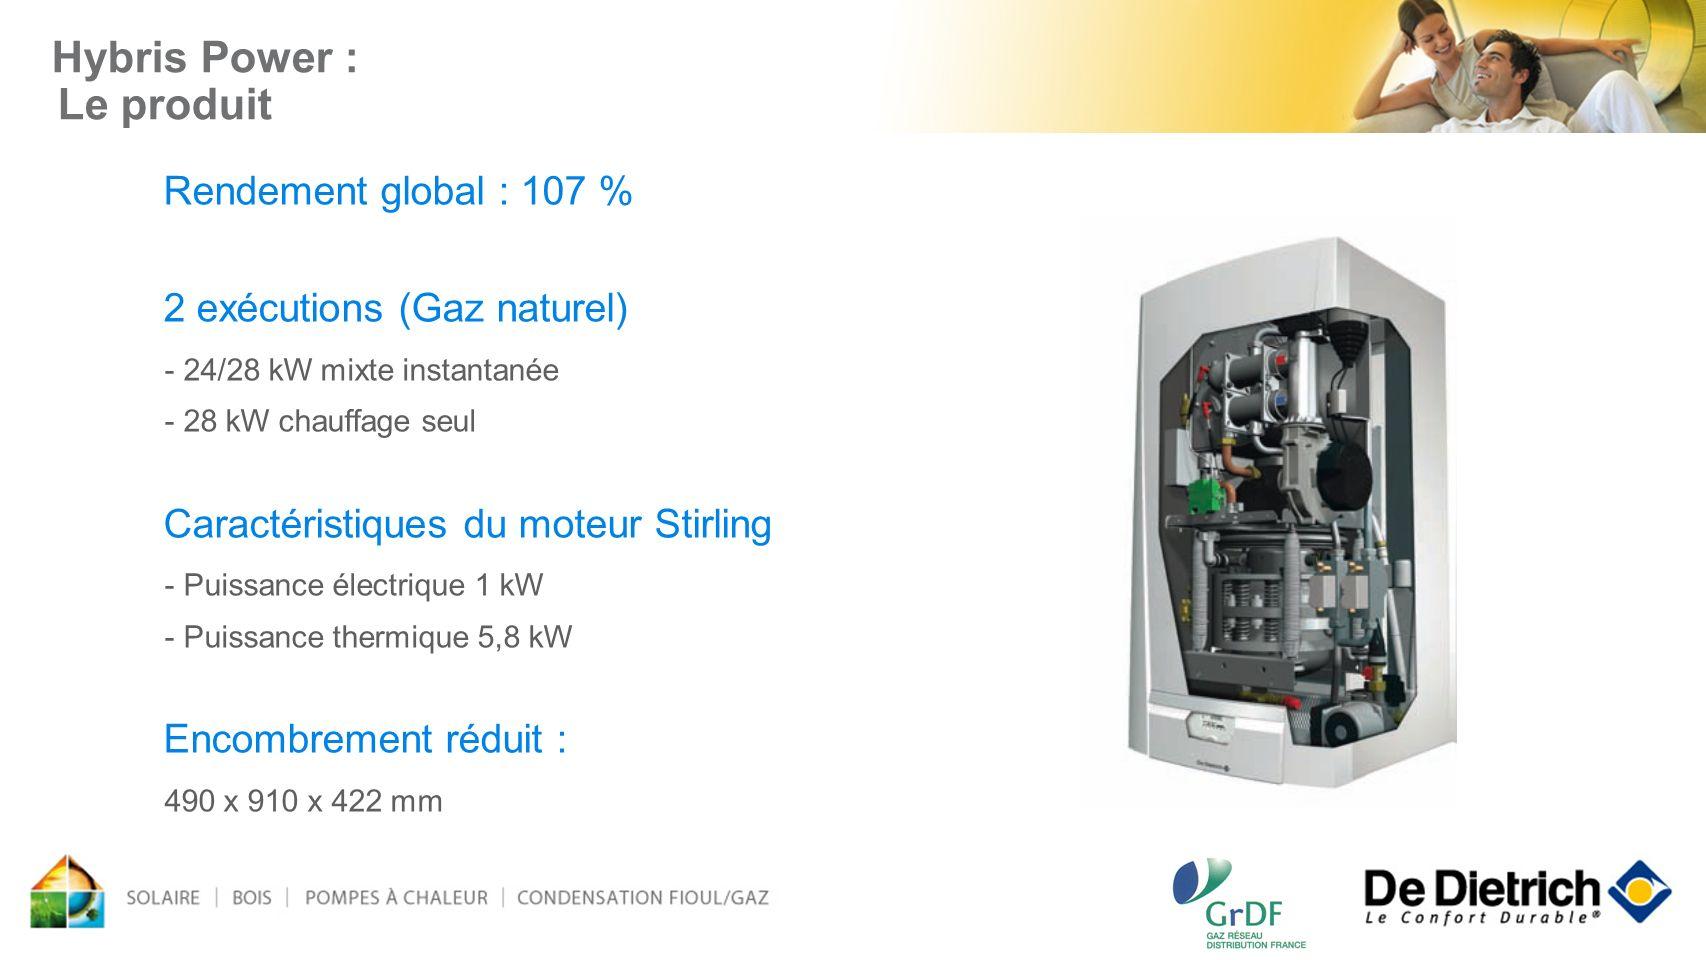 Hybris Power : Le produit Rendement global : 107 % 2 exécutions (Gaz naturel) - 24/28 kW mixte instantanée - 28 kW chauffage seul Caractéristiques du